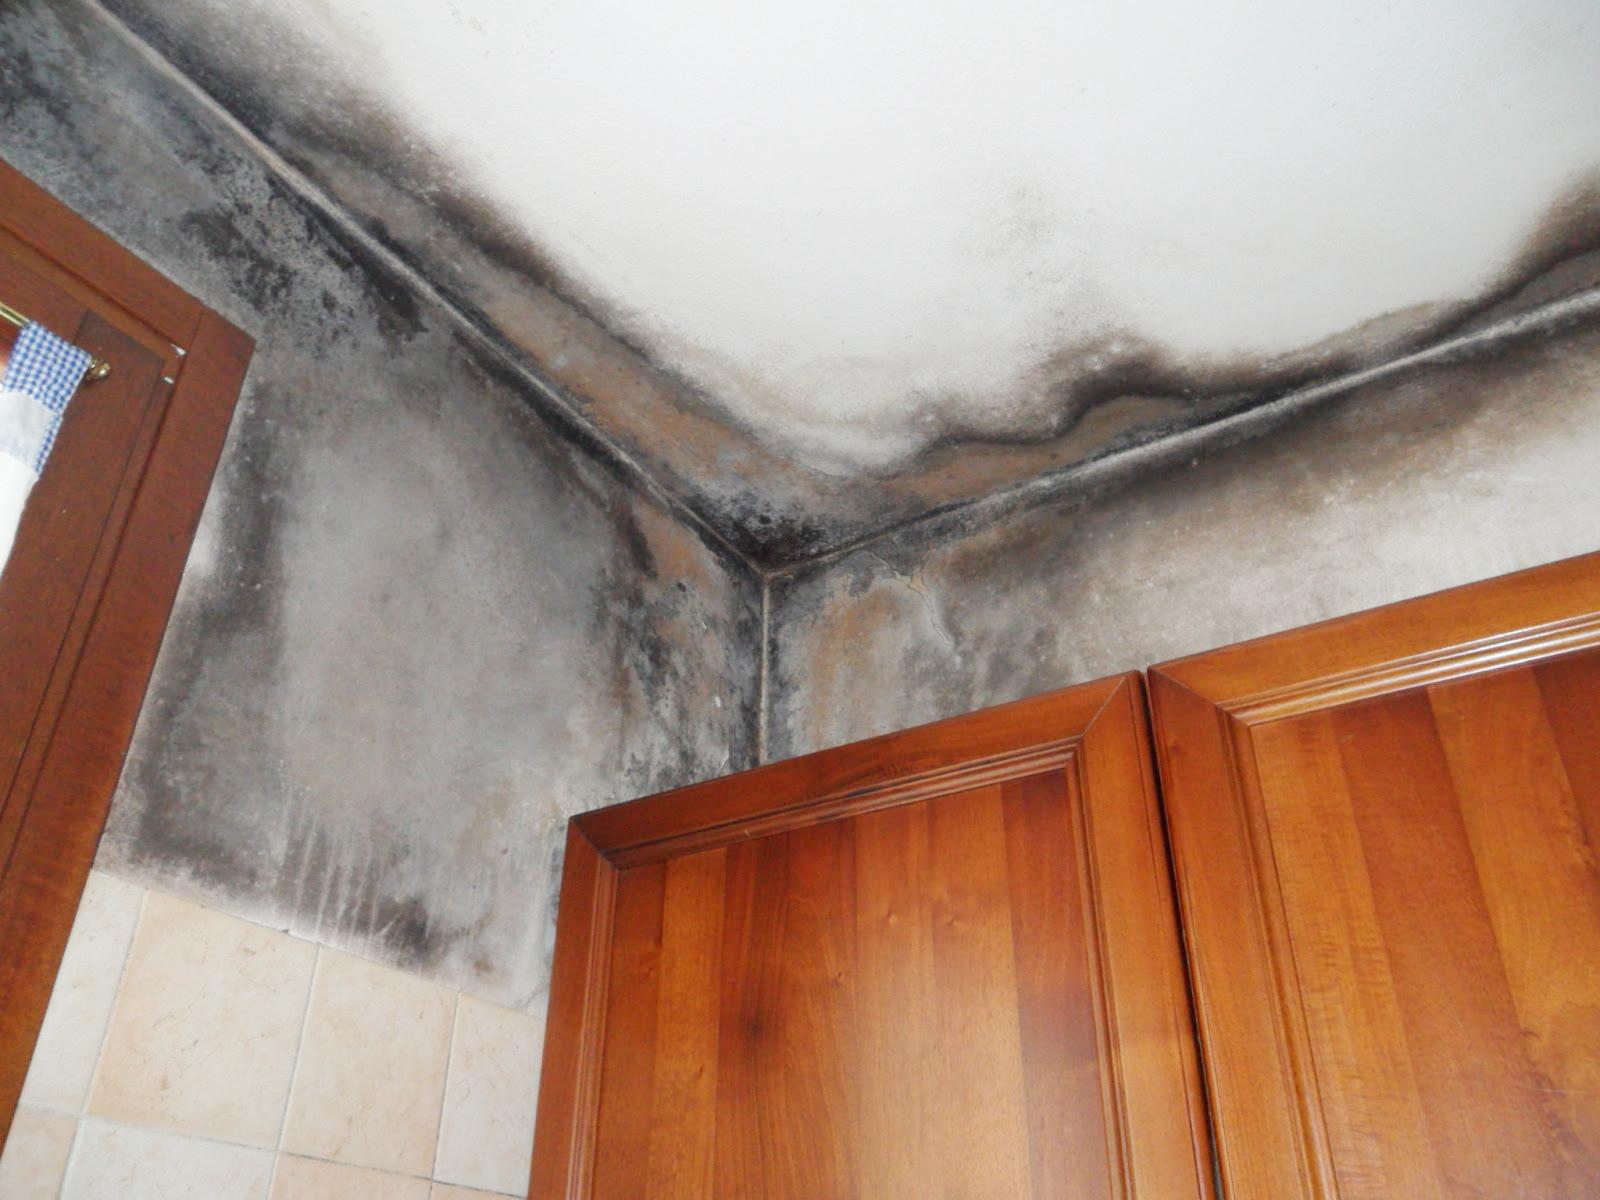 Eliminare la muffa dai muri di casa fabriziorisolve - Combattere la muffa in casa ...